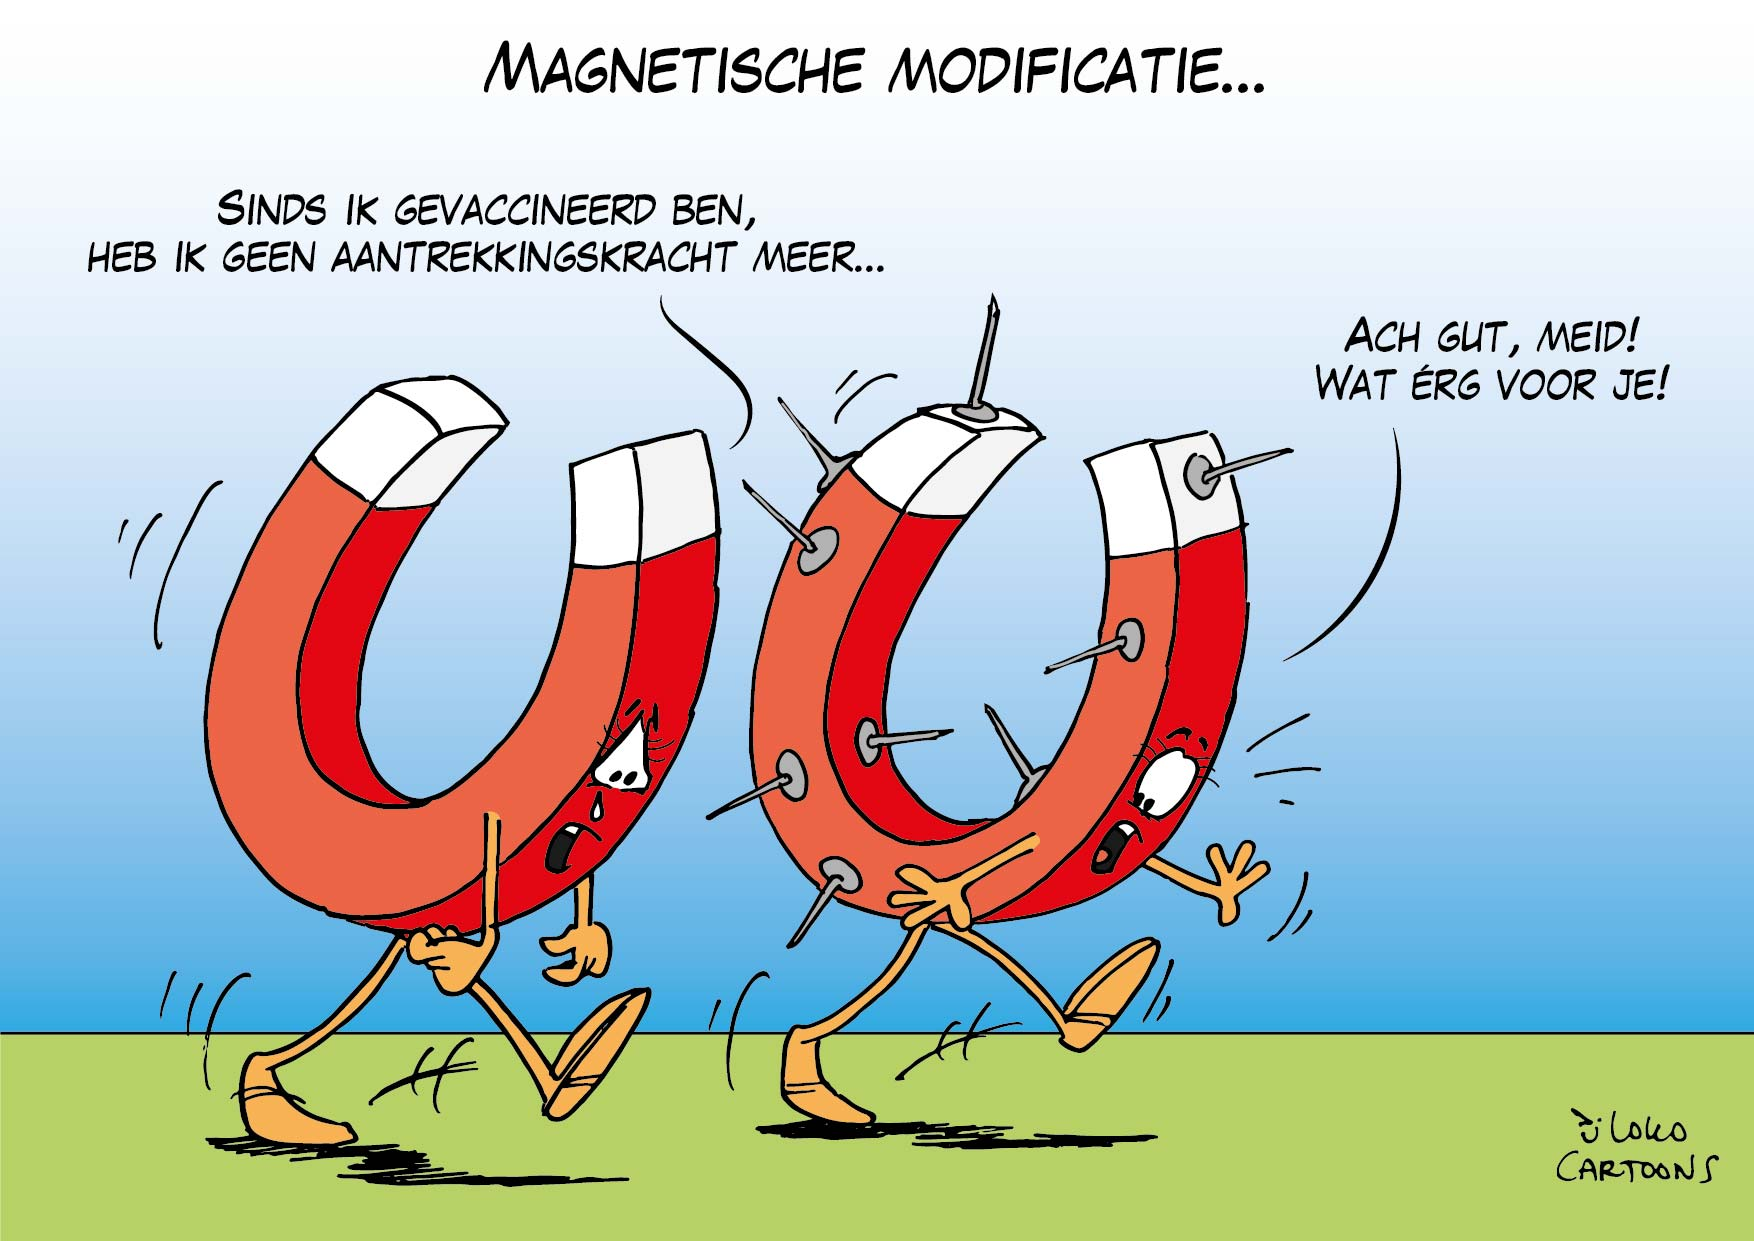 Magnetische modificatie…